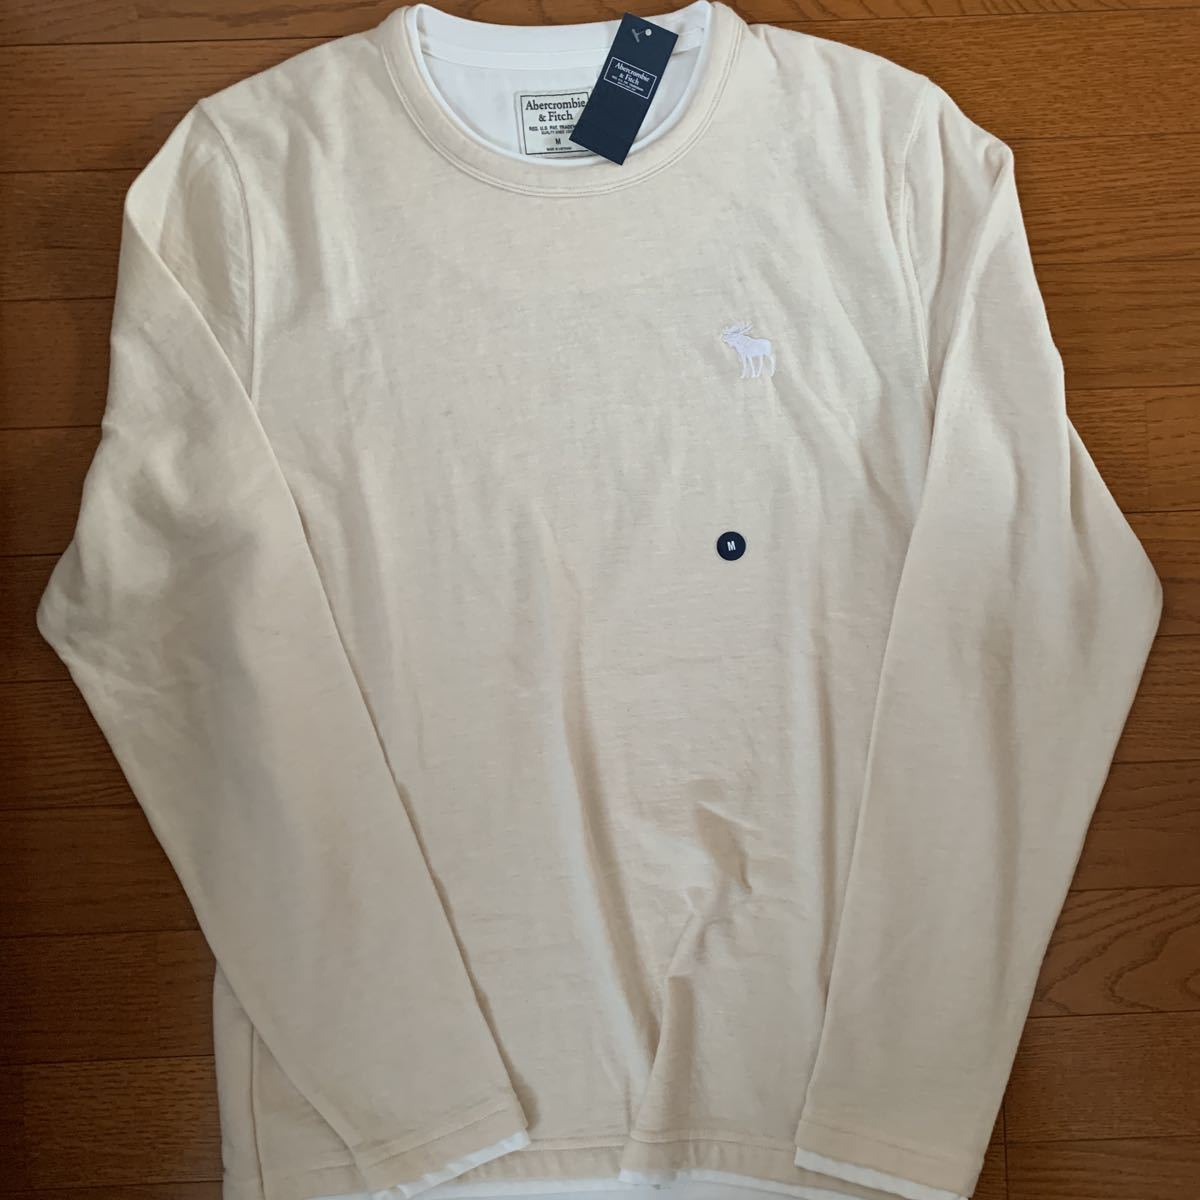 ☆アバクロ☆Abercrombie&Fitch☆ムース長袖Tシャツ☆Mサイズ☆ベージュ☆未使用☆アバクロンビー&フィッチ☆タグ付☆